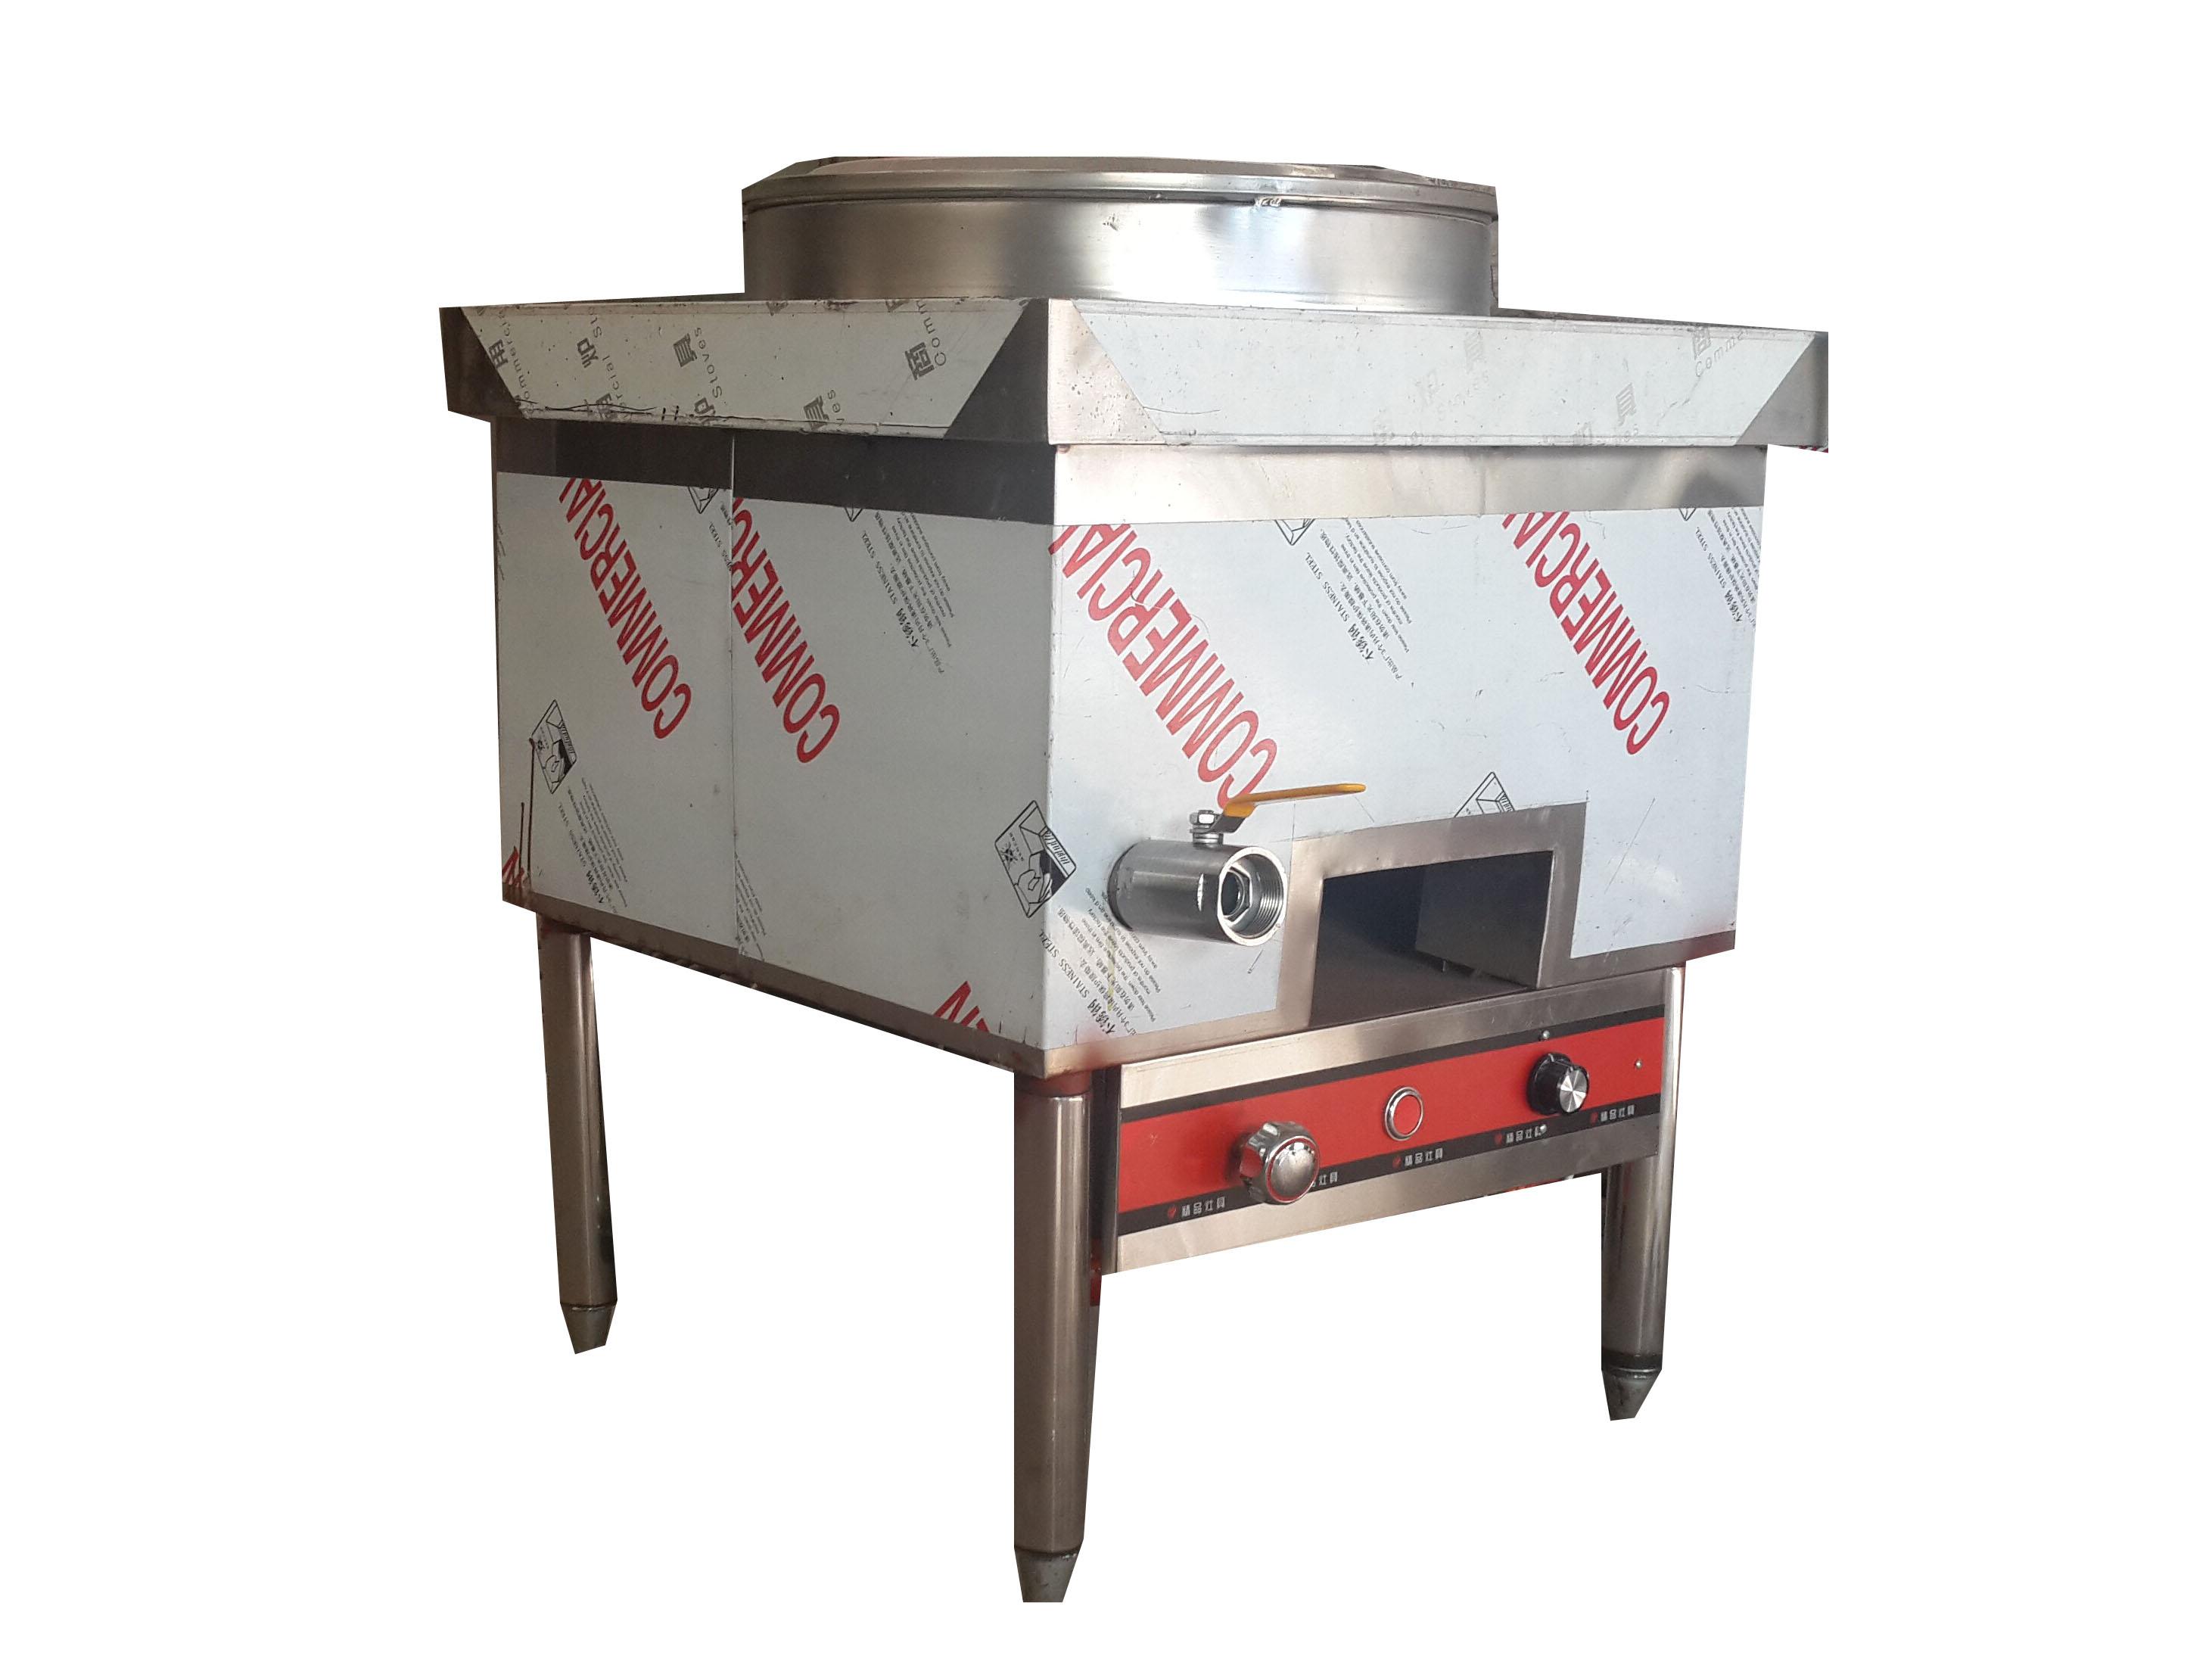 信誉好的煮面炉供应商,当选伊达厨房设备,河南煮面炉